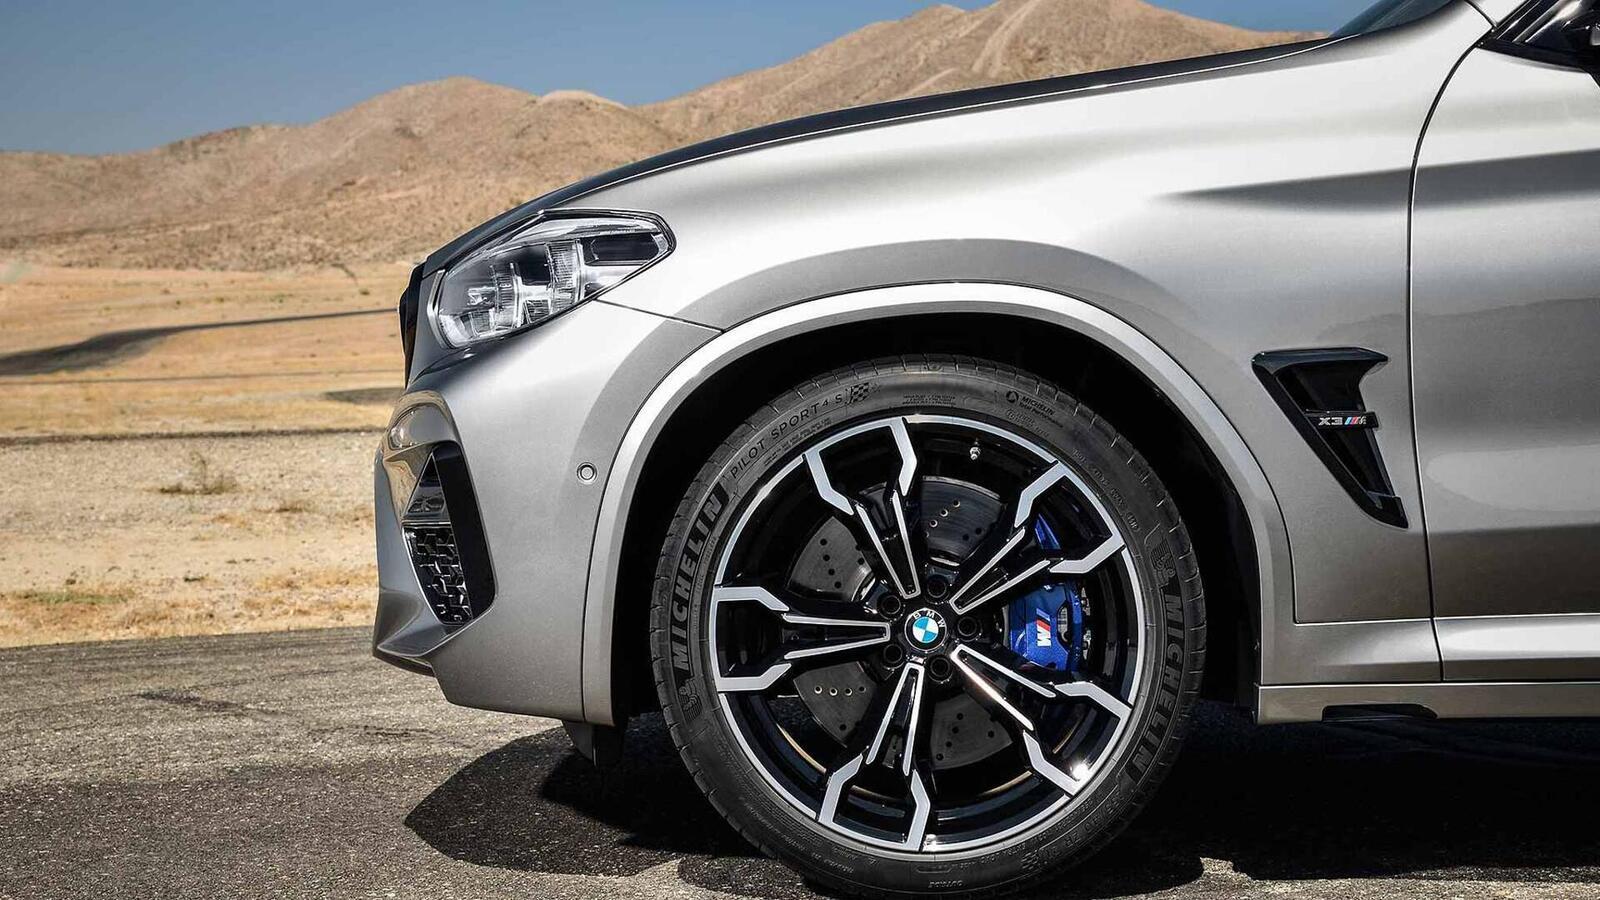 BMW X3 M và X4 M 2020 chính thức ra mắt: Mang trong mình sức mạnh từ 473 - 503 mã lực - Hình 7